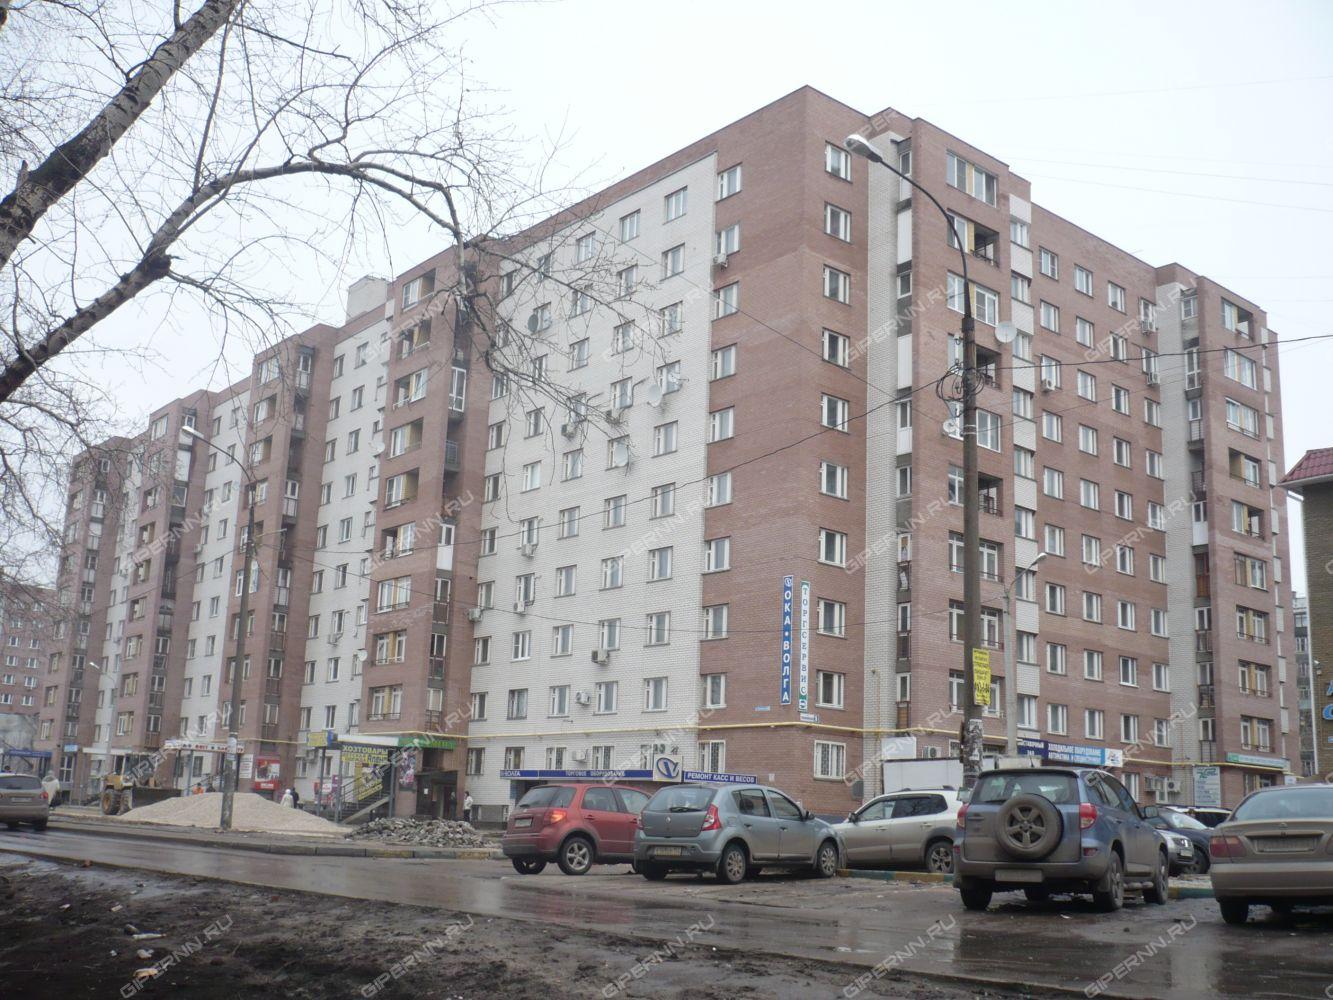 Коммерческая недвижимость нижнего новгорода 2008 год аренда коммерческой недвижимости в ниж